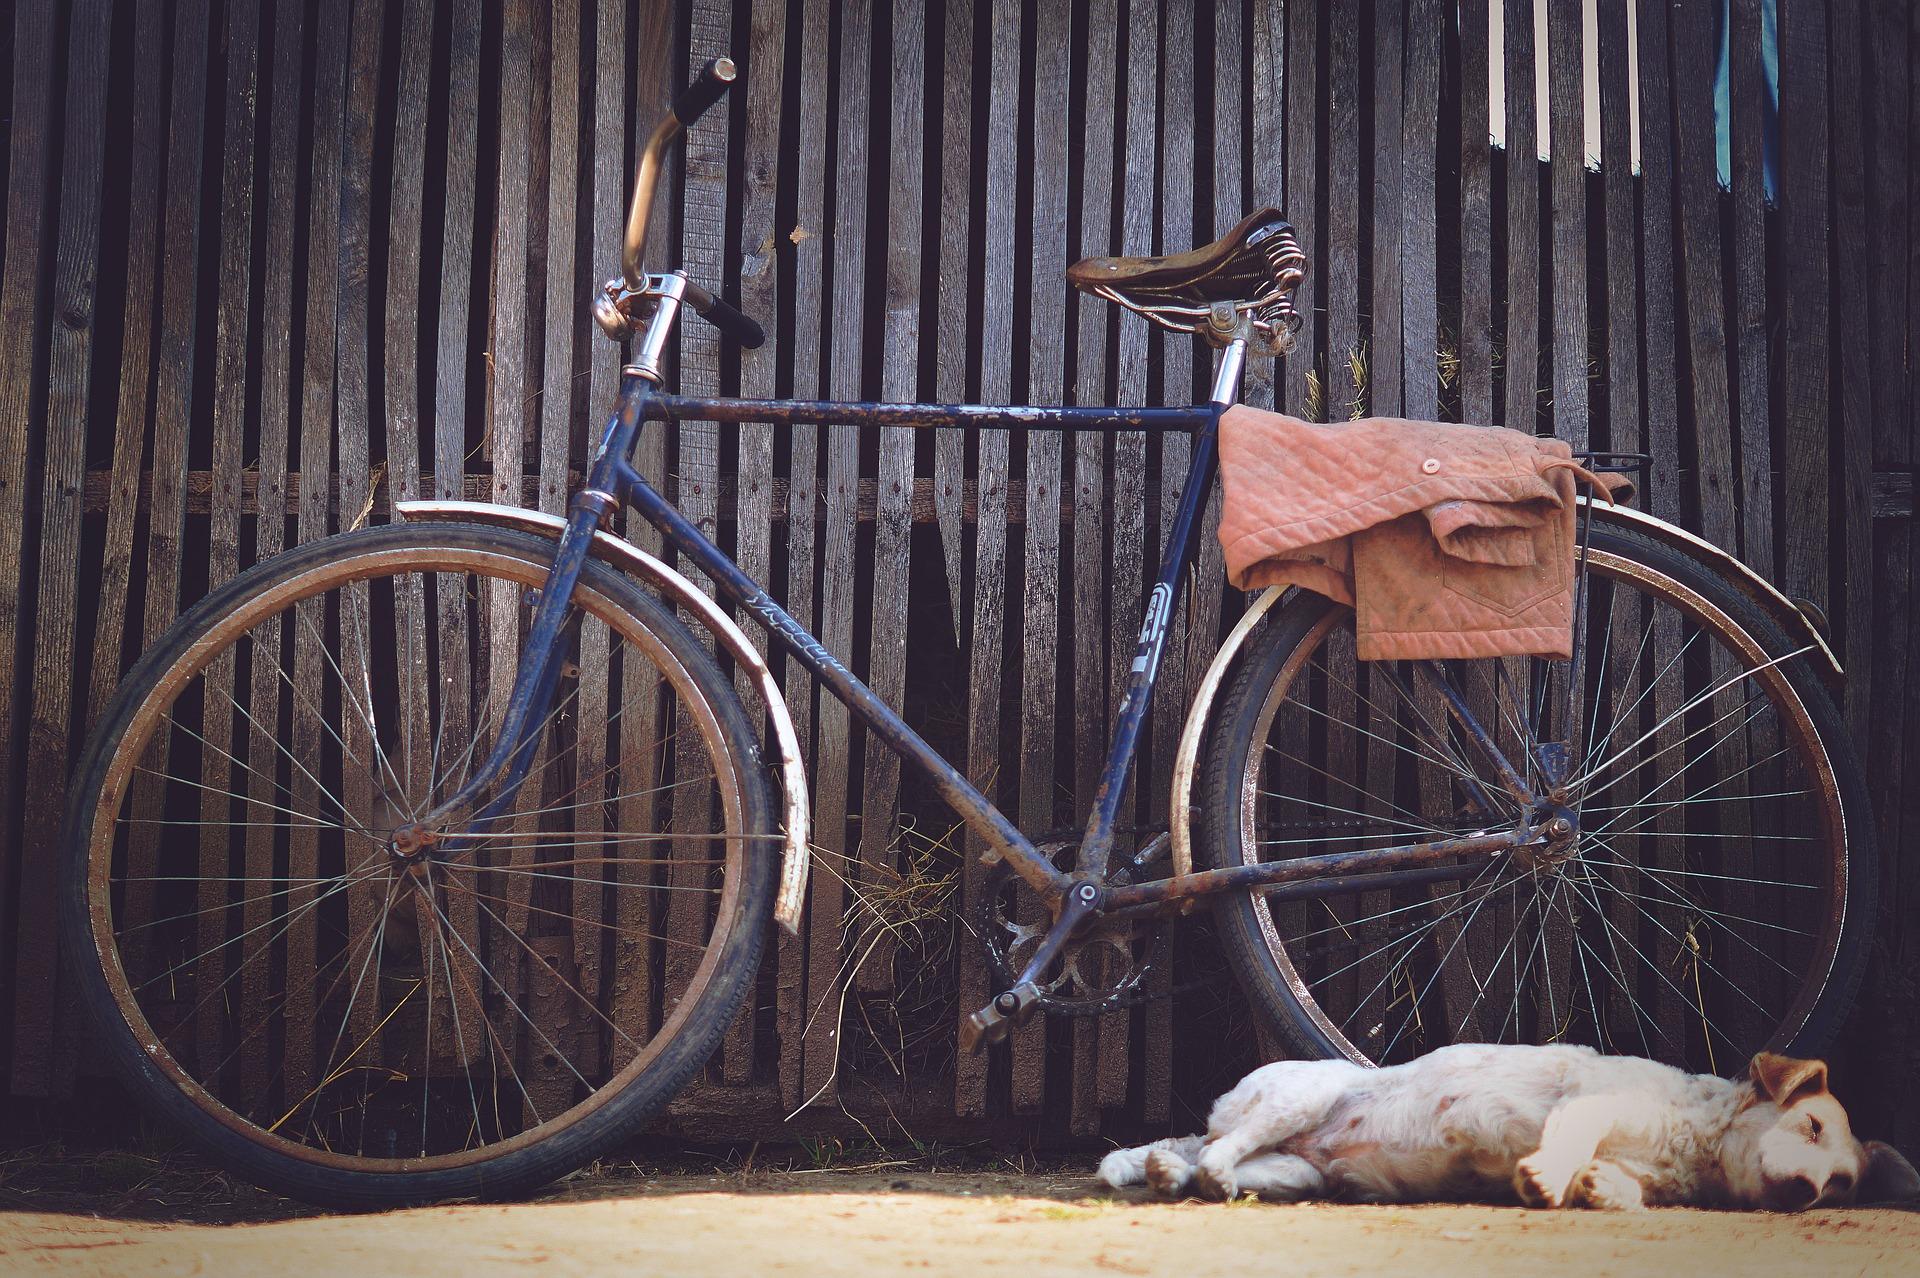 30. & 31. März: Radfahren mit Hund – So geht's richtig